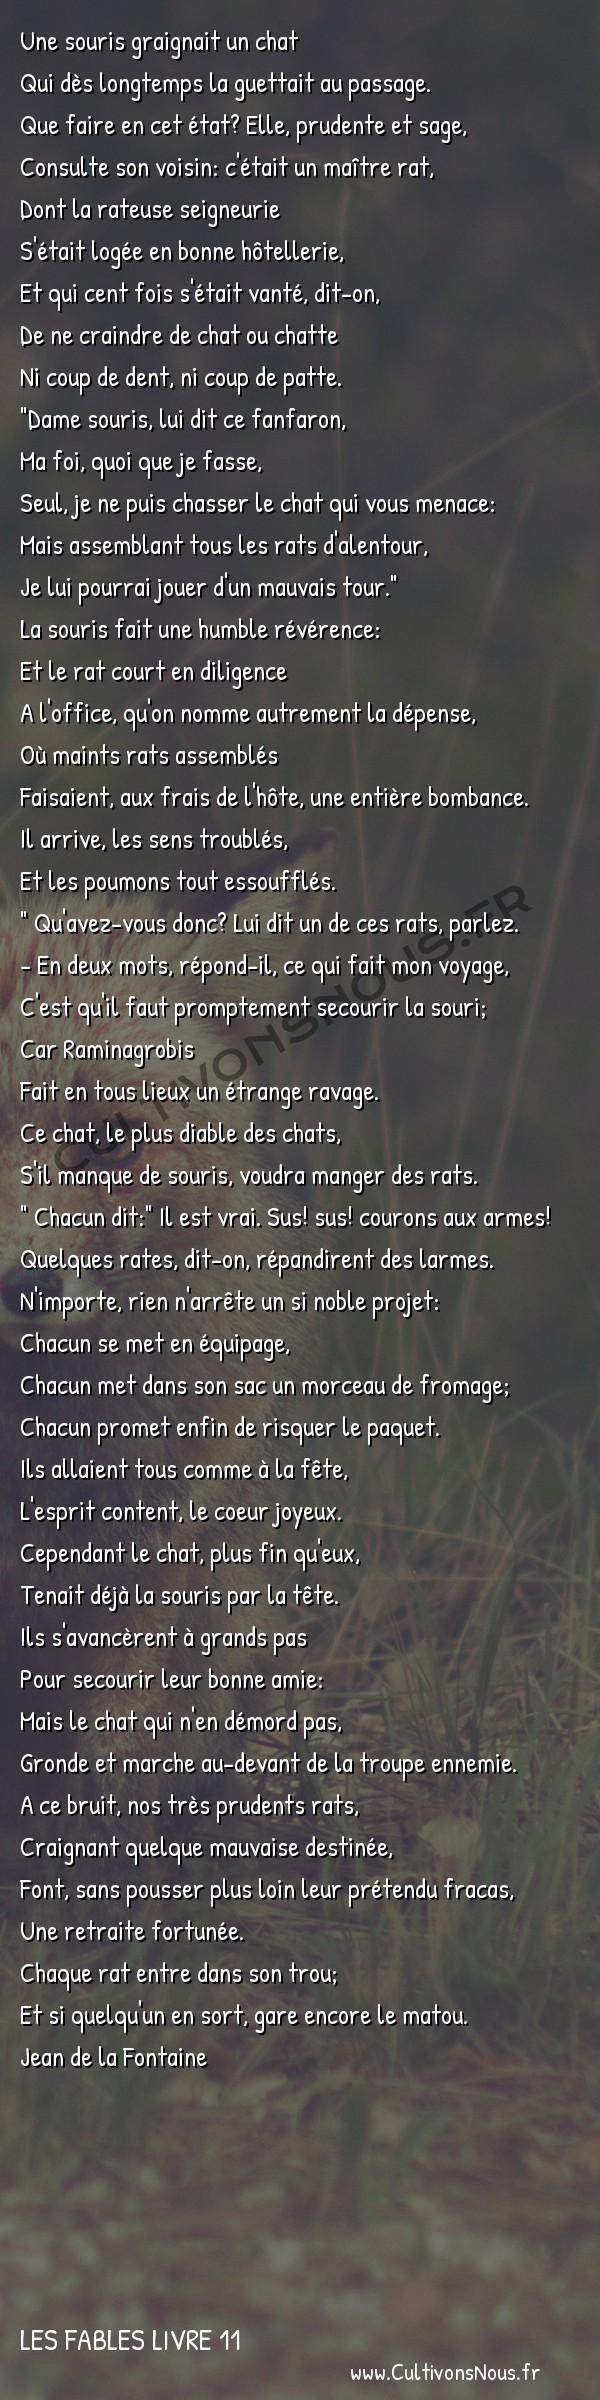 Fables Jean de la Fontaine - Les fables Livre 11 - La Ligue des Rats -   Une souris graignait un chat Qui dès longtemps la guettait au passage.